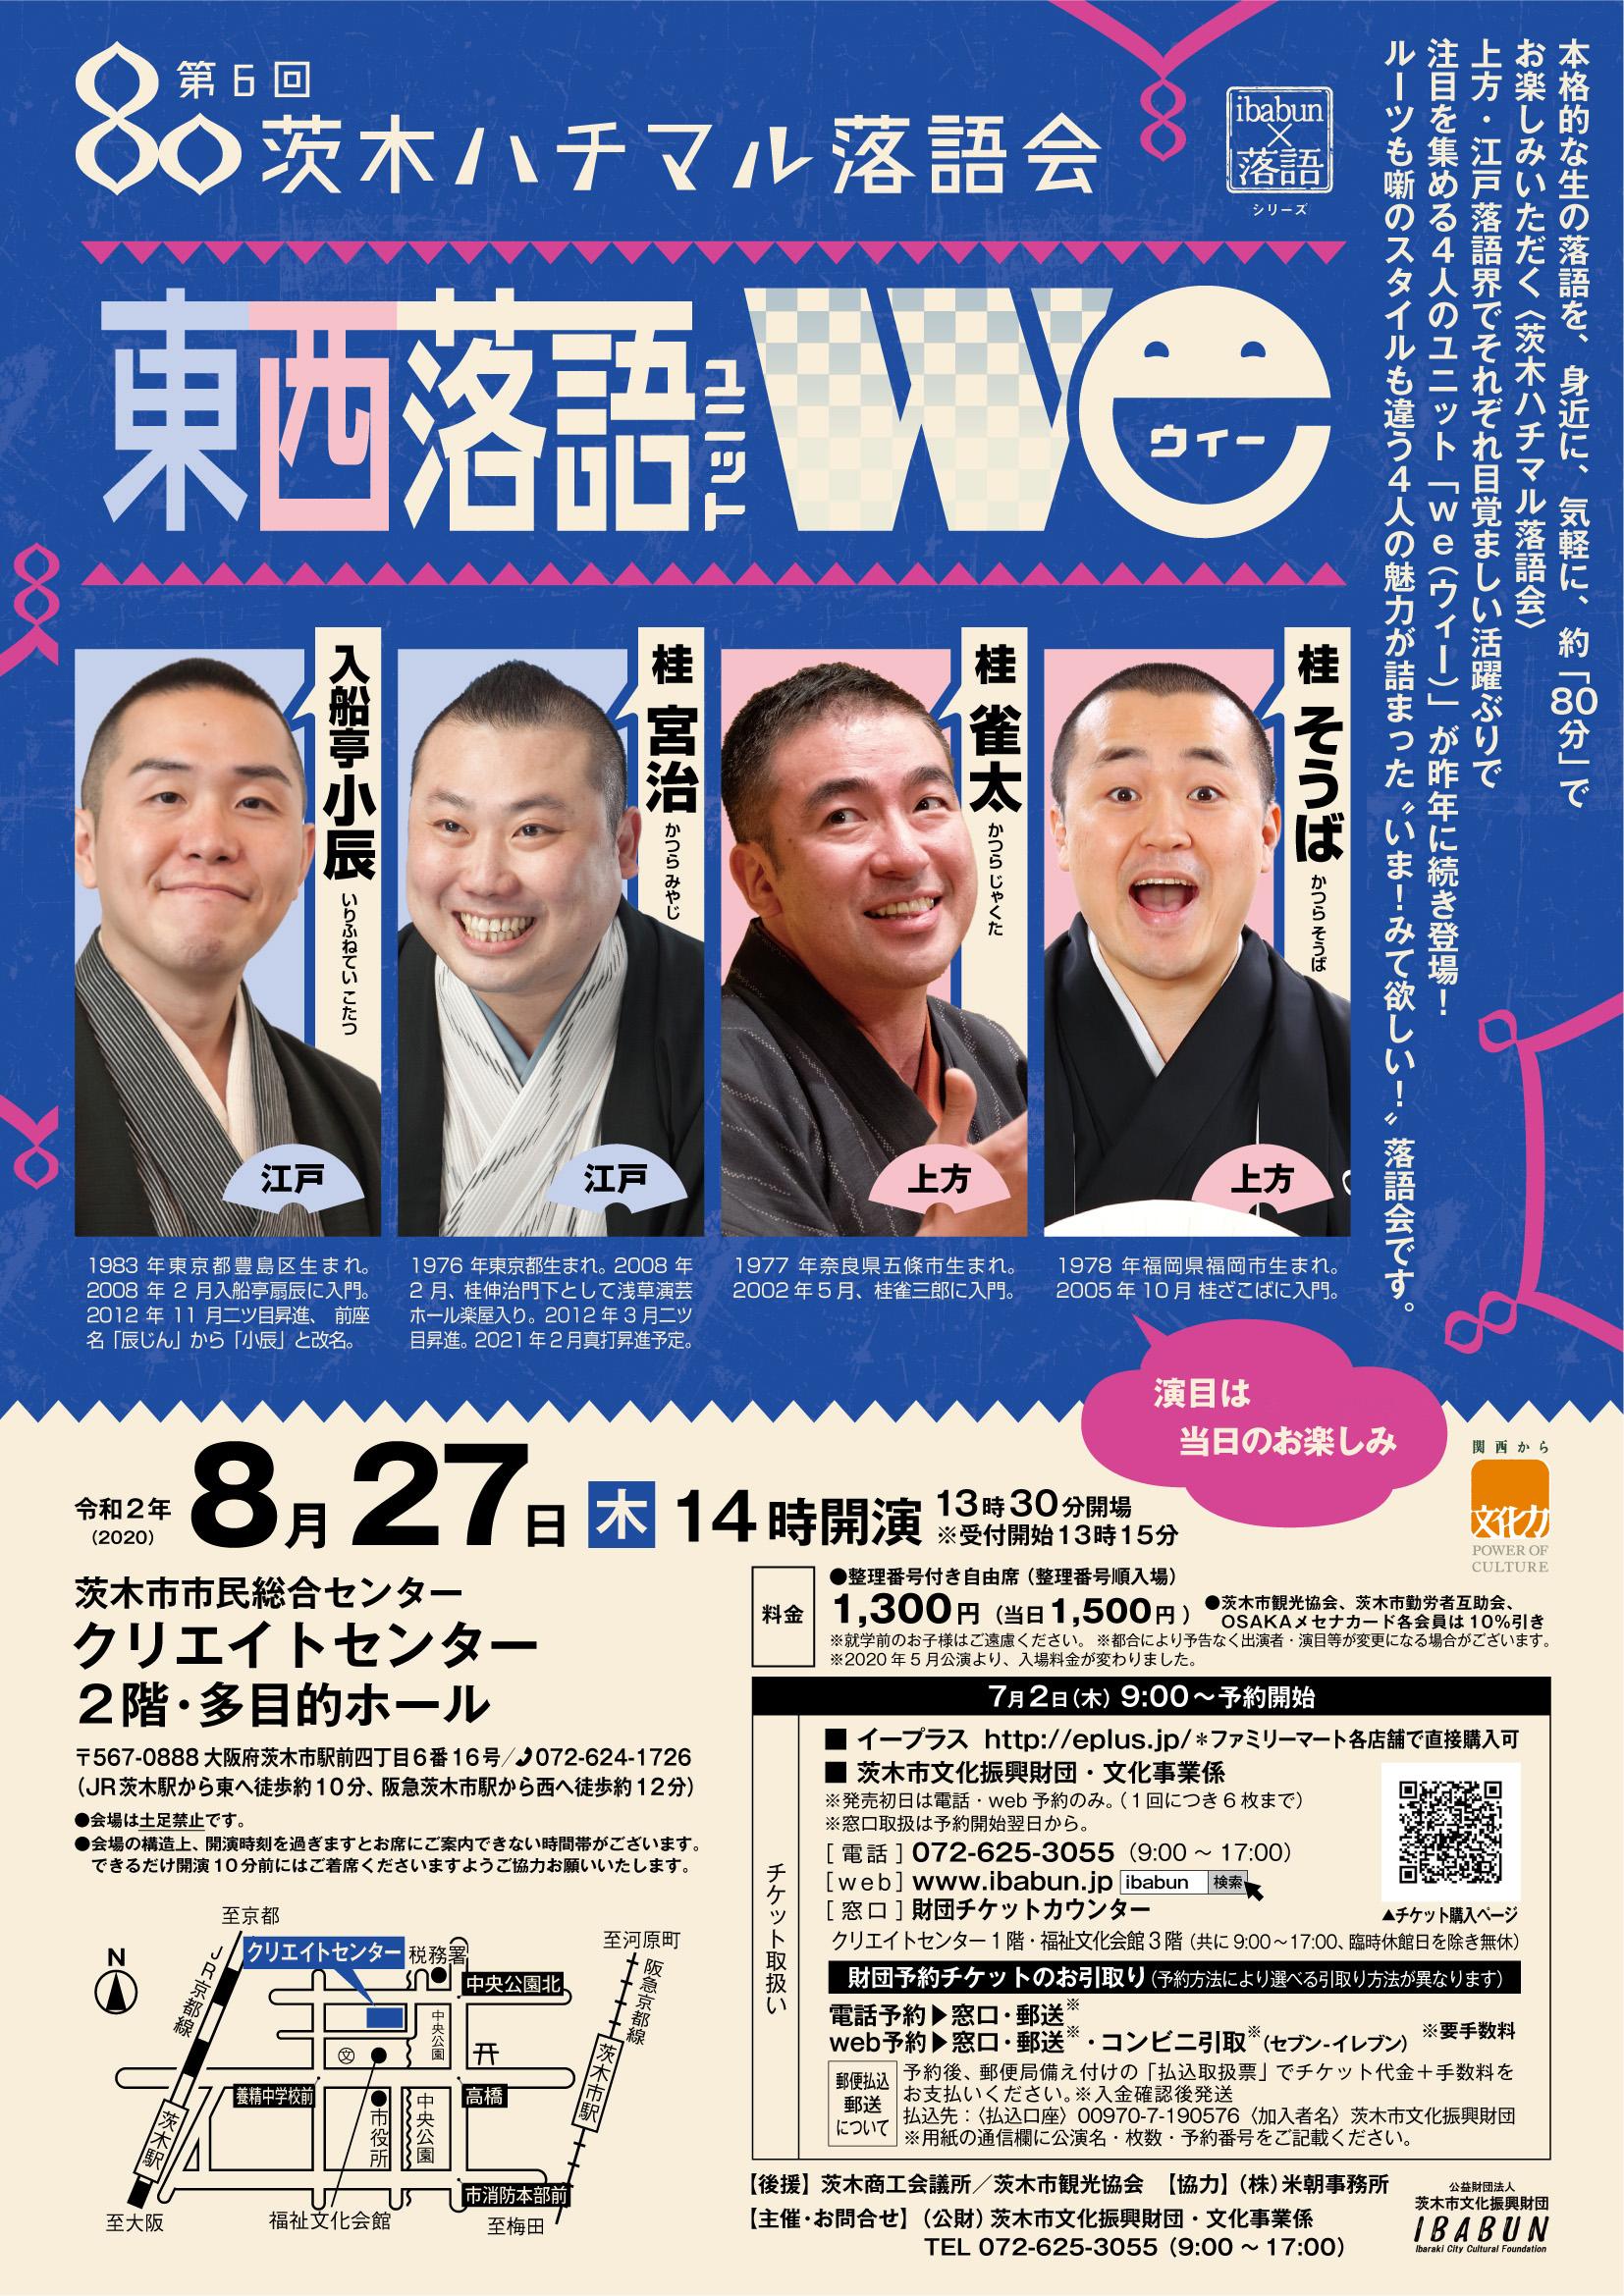 第6回 茨木ハチマル落語会「東西落語ユニットwe」